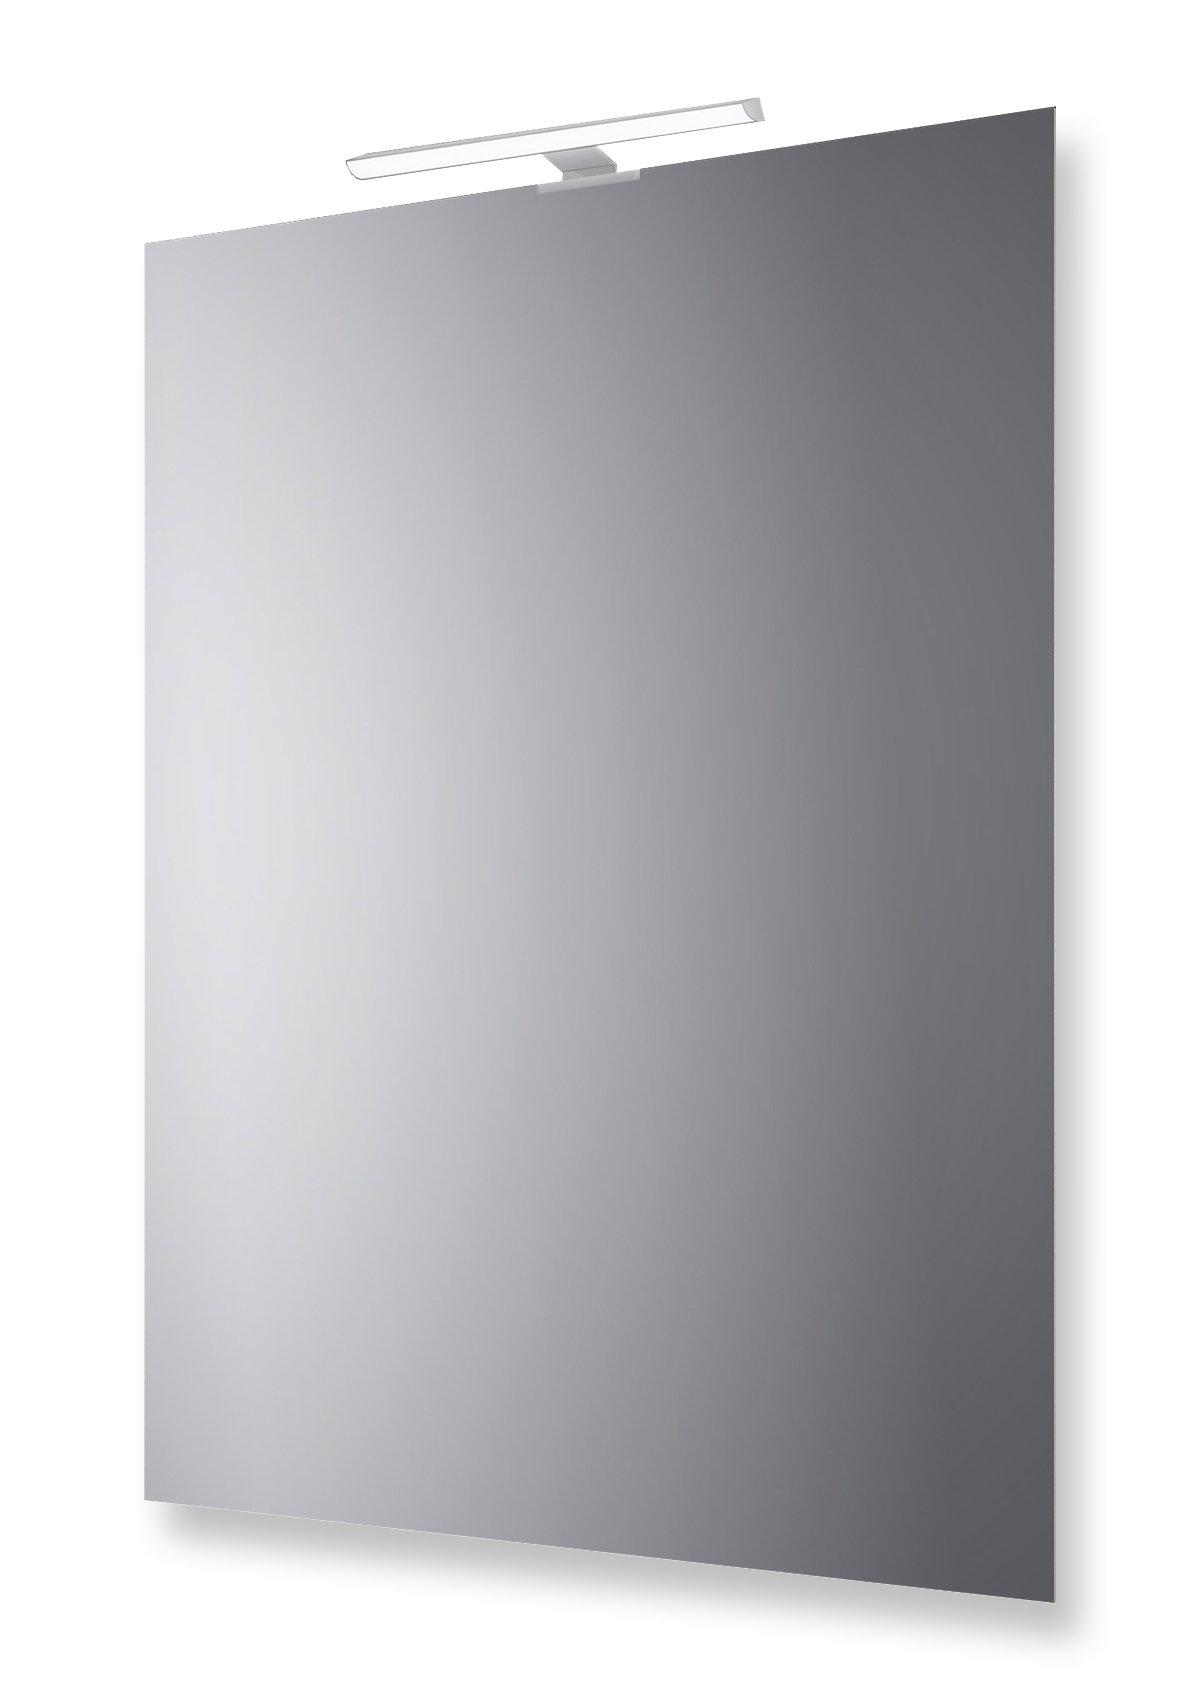 Specchio Bagno Con Lampada.San Marco Specchio Bagno Reversibile Con Lampada Led 70x50 Cm Casame